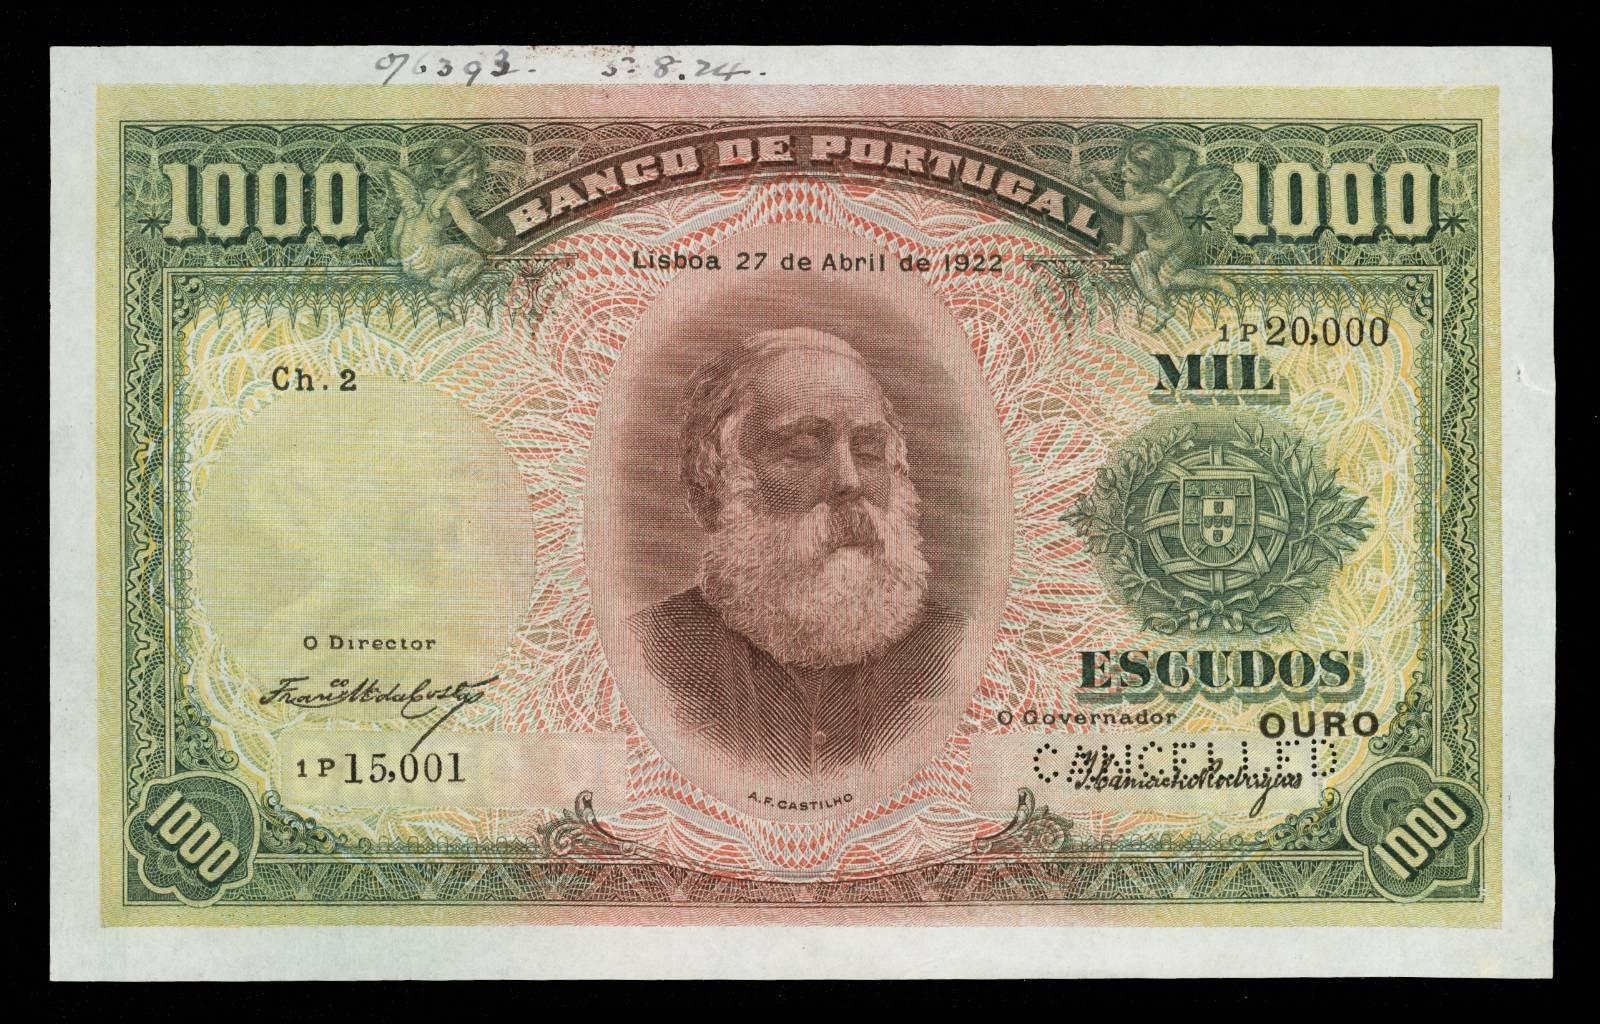 1000 Portuguese Escudo banknote